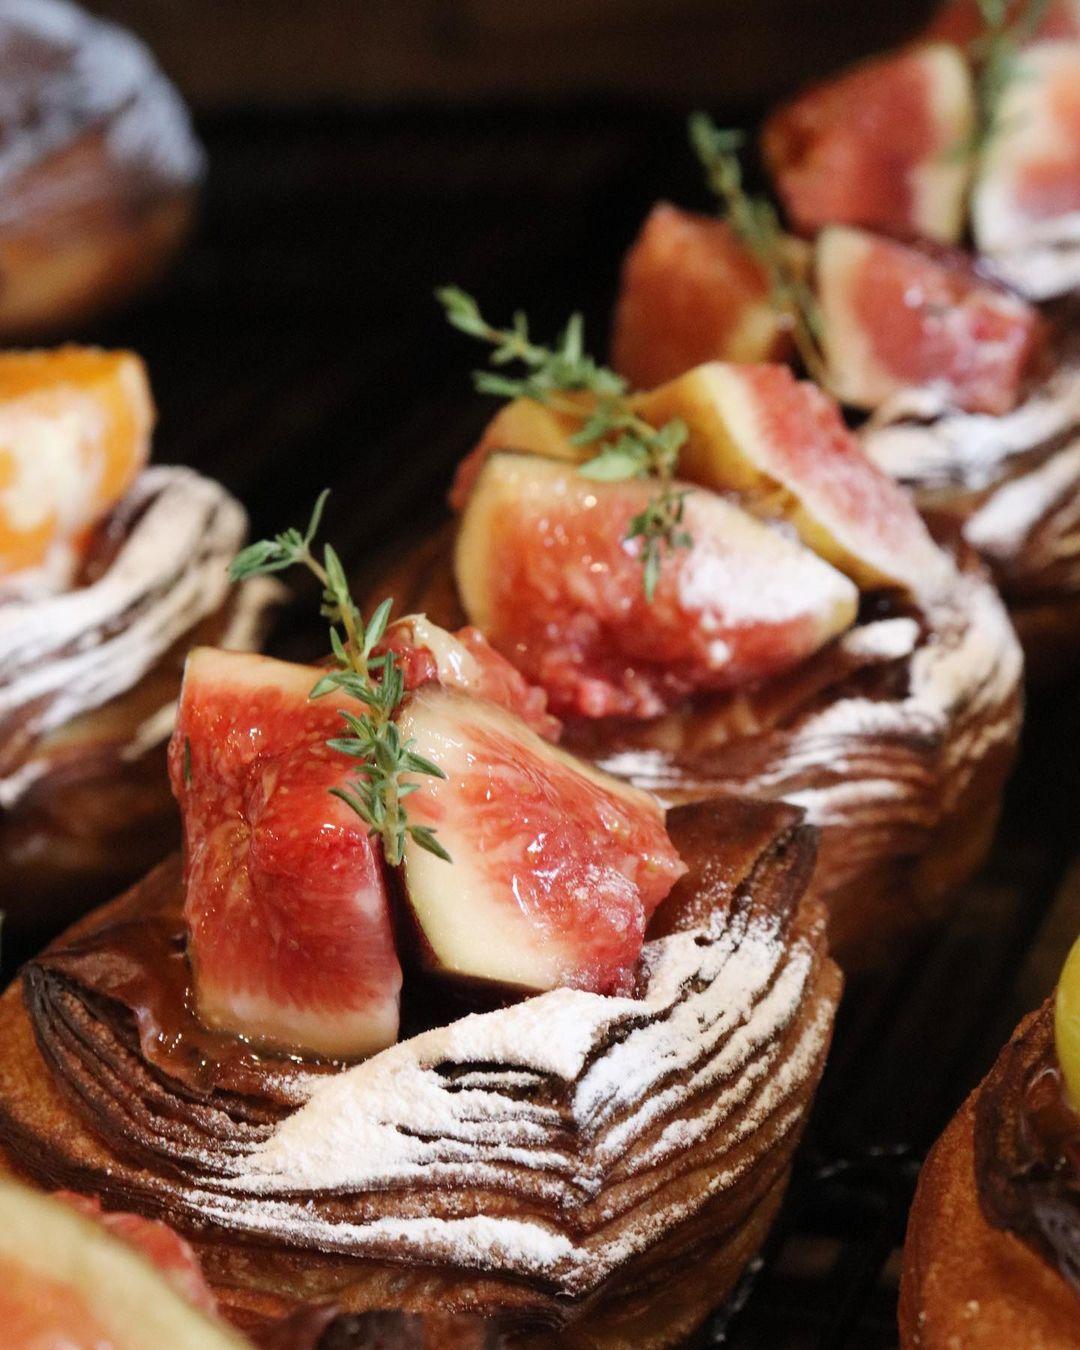 青葉ファームさんの無農薬の無花果のデニッシュ、安納芋デニッシュ他たくさんのデニッシュをご用意しております(2020.10.16)